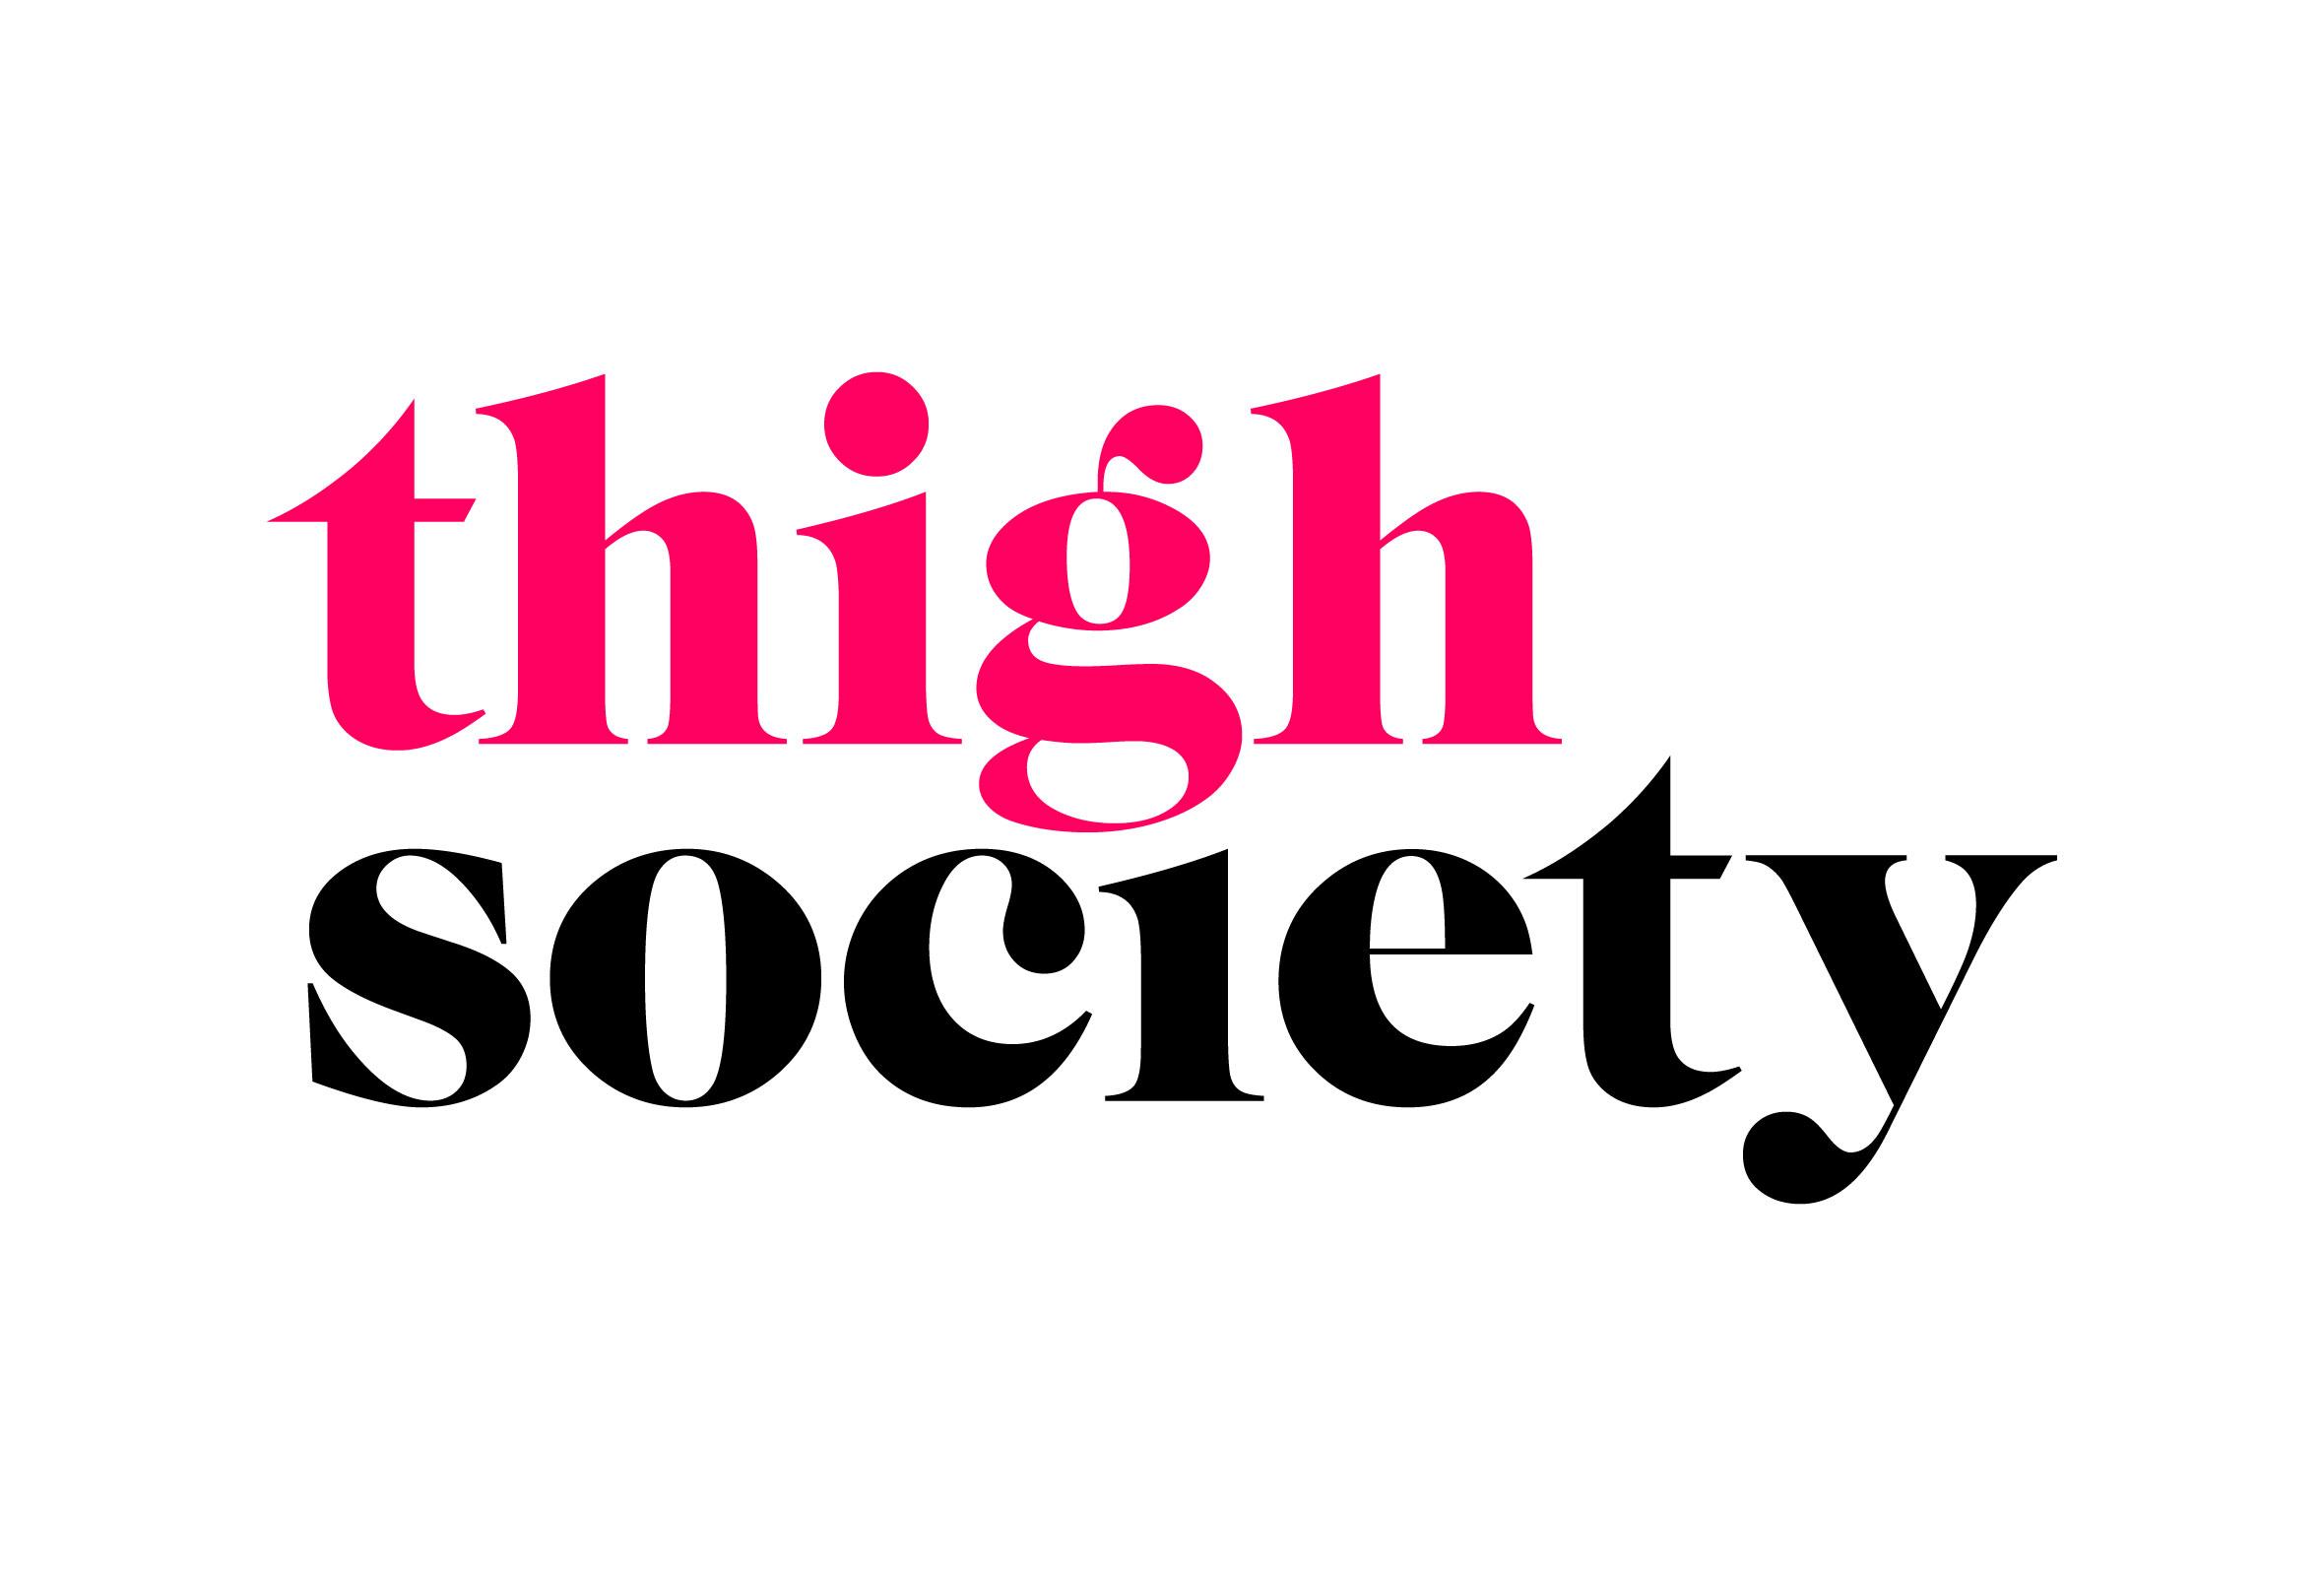 Thigh Society | Brand Identity